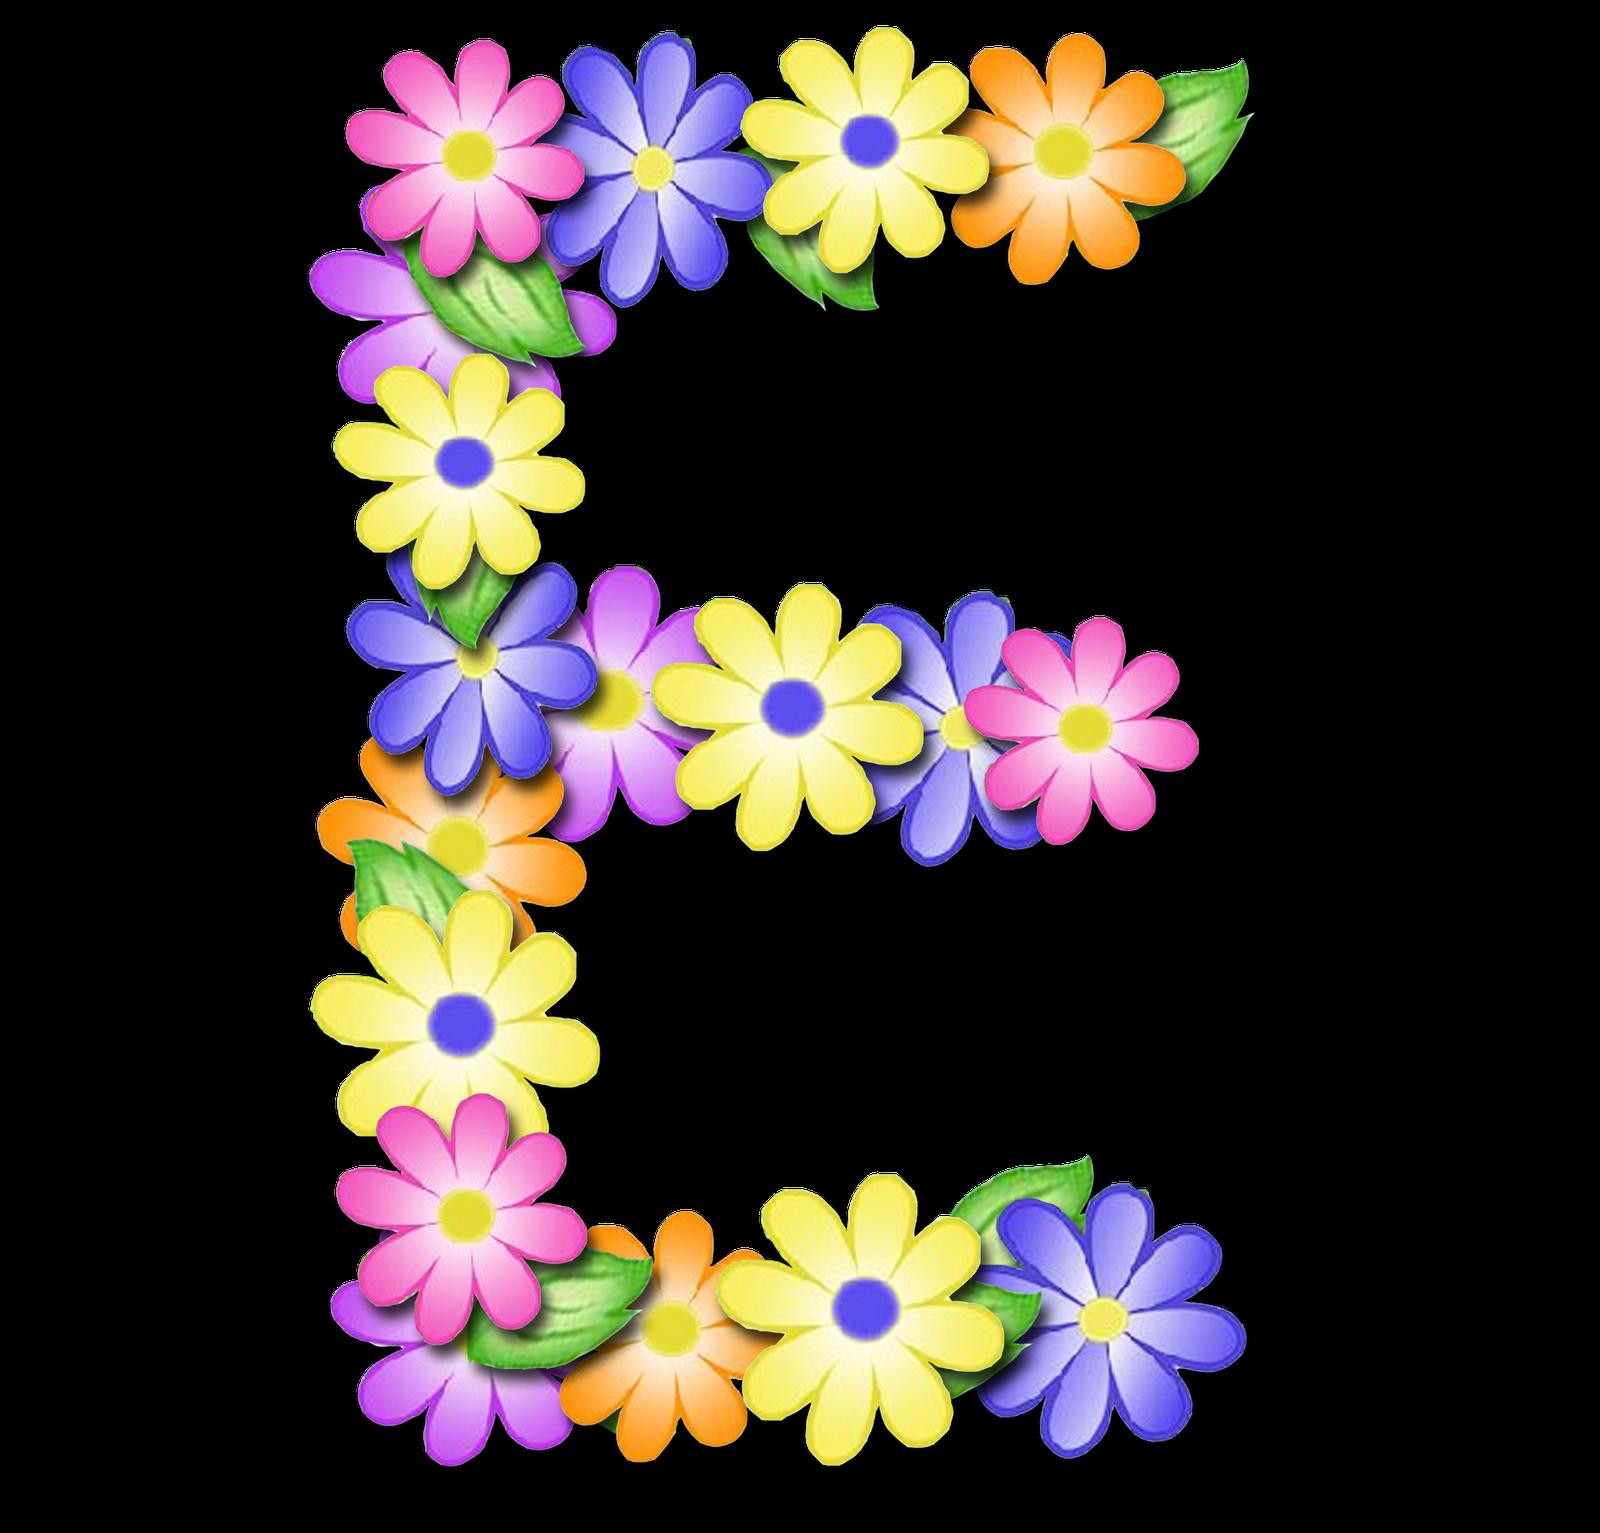 صور الحروف الإنجليزية بأجمل الزهور والورود بخلفية شفافة بنج png وجودة عالية للمصممين :: إبحث عن حروف إسمك بالإنجليزية E